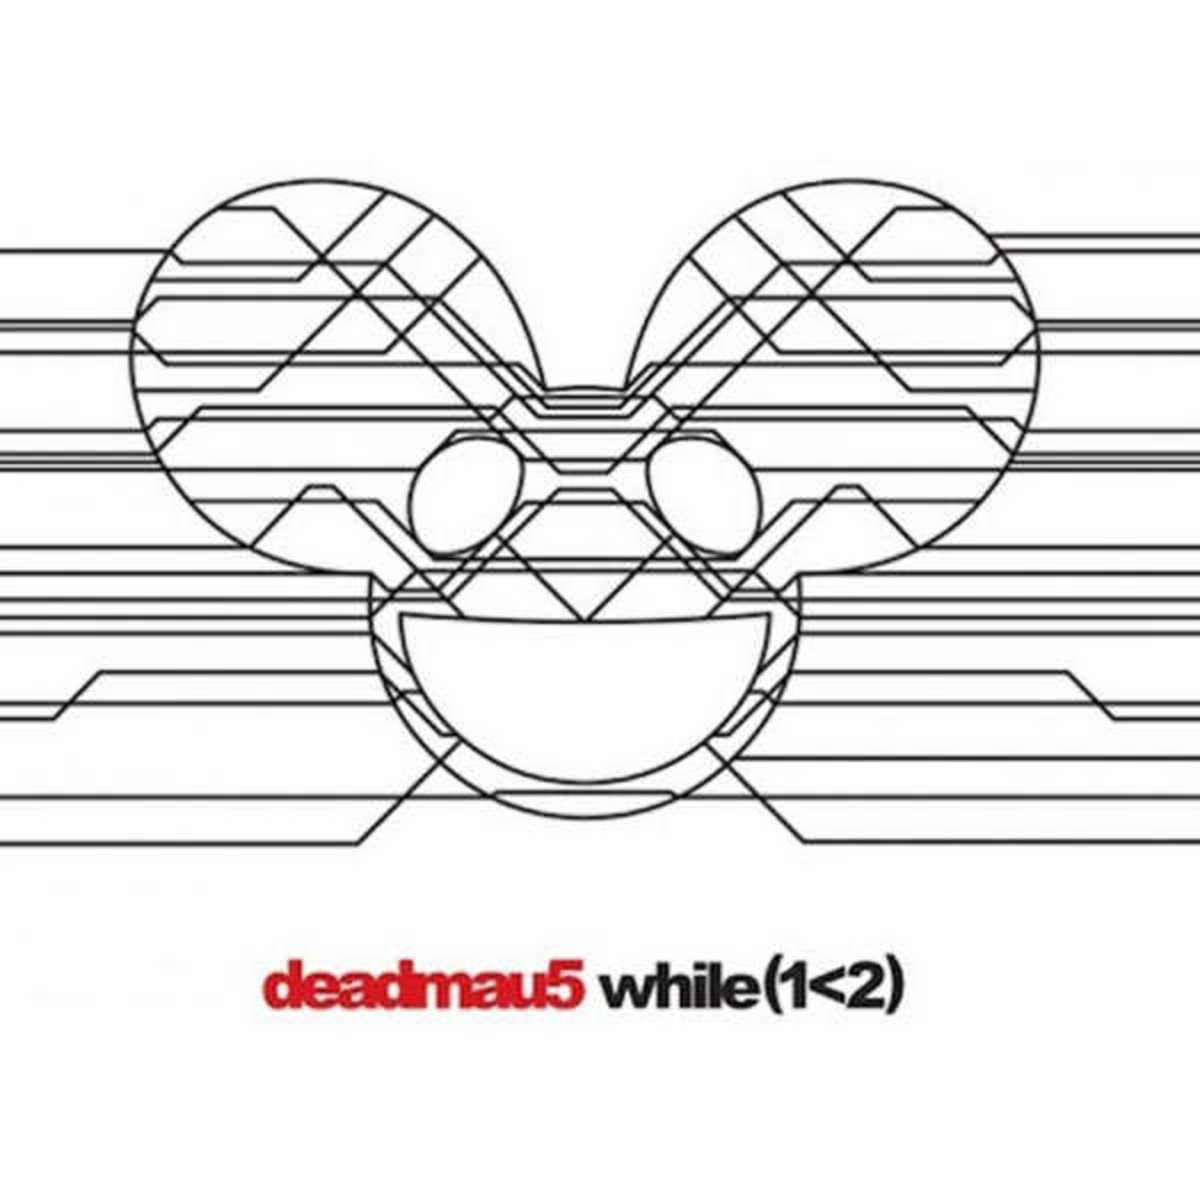 Deadmau5-While-1-Less-Than-21